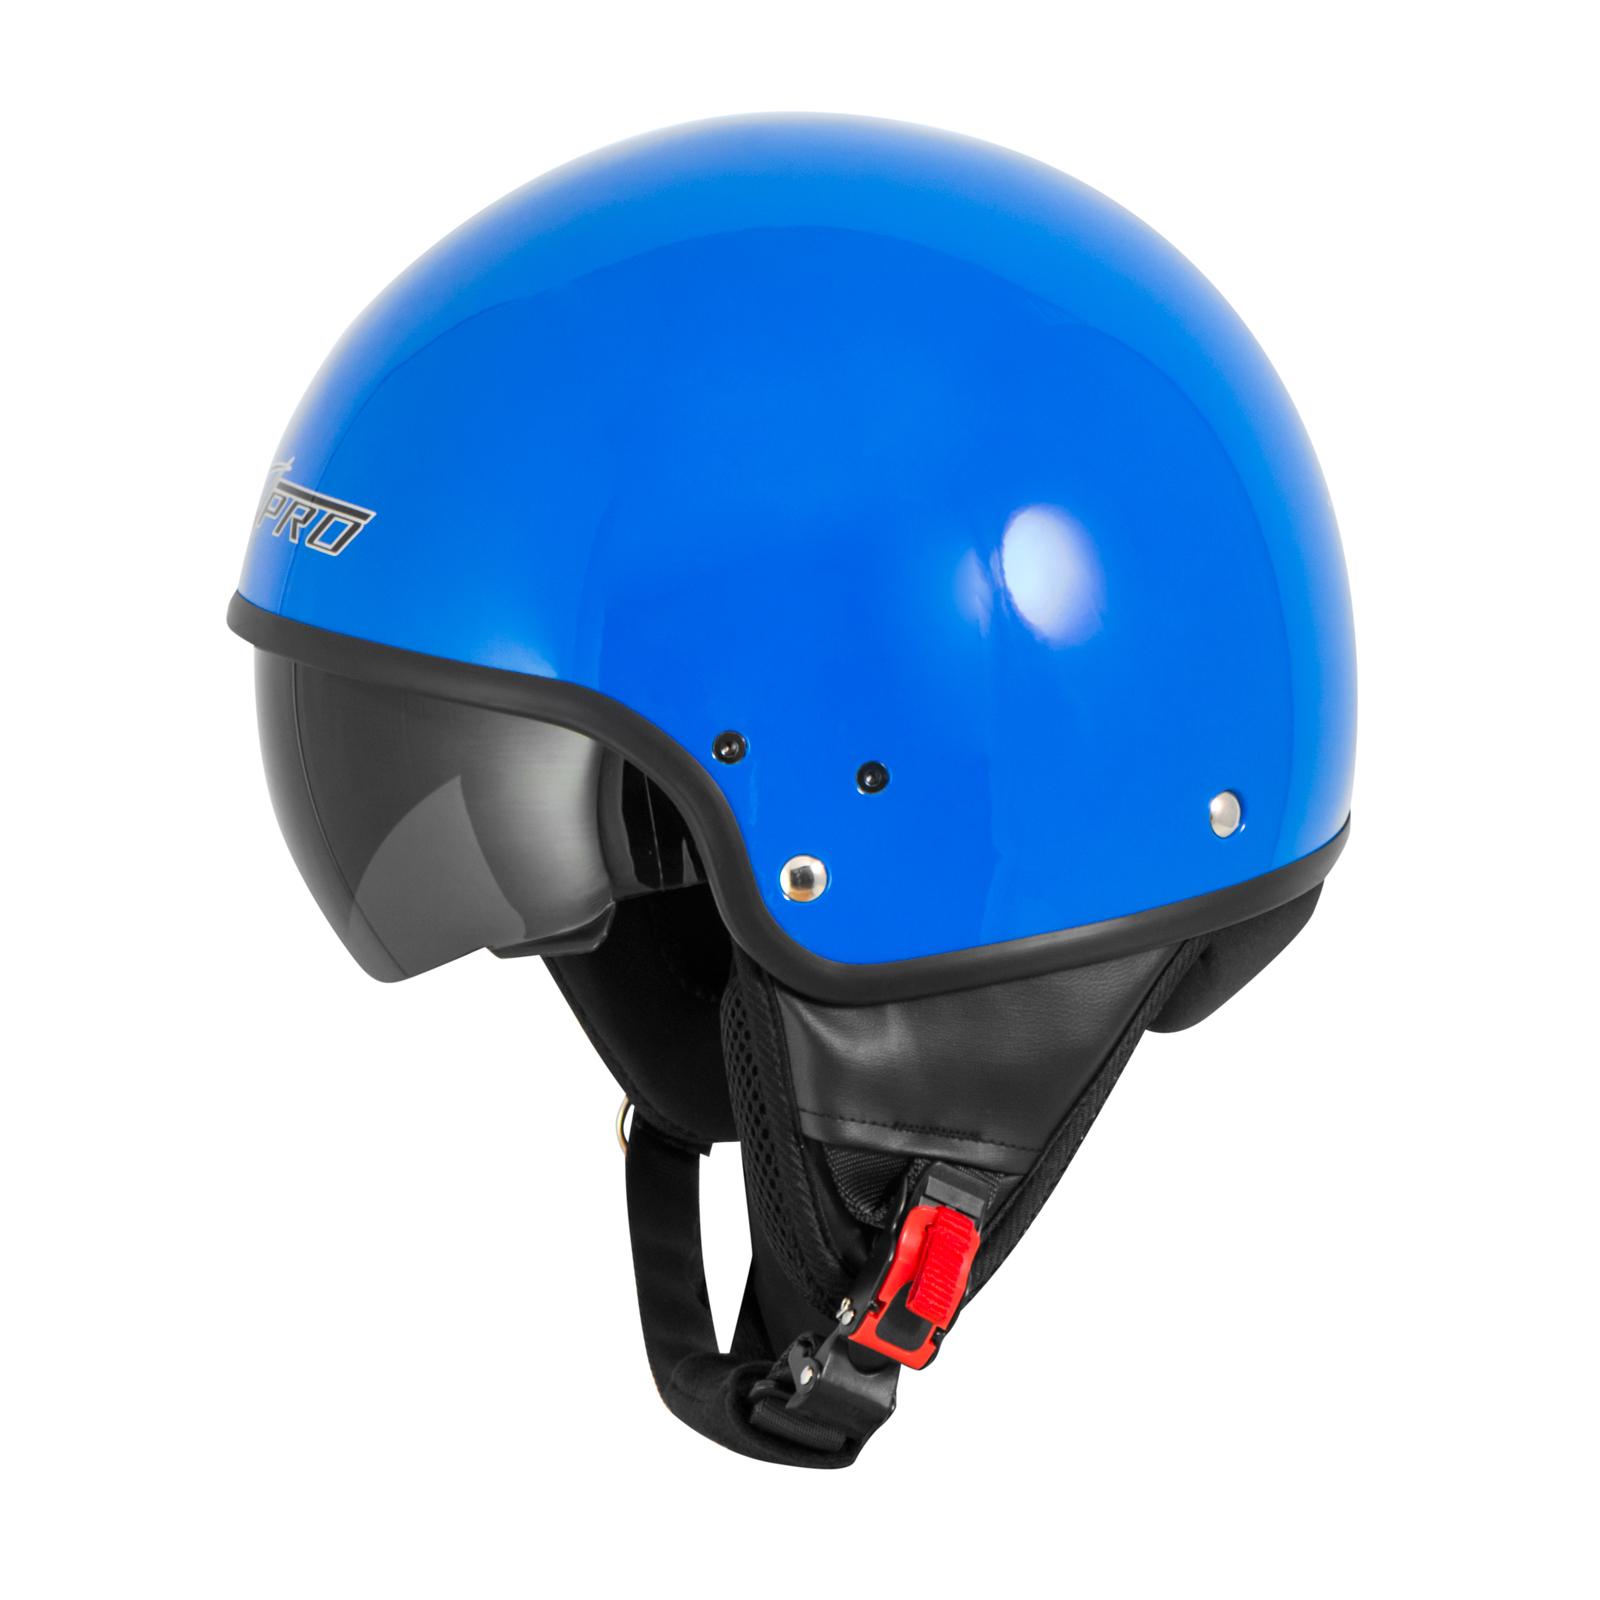 Casque-Moto-Scooter-Vespa-Jet-Visiere-pare-soleil-ECE-22-Blanc-SonicMoto miniature 13